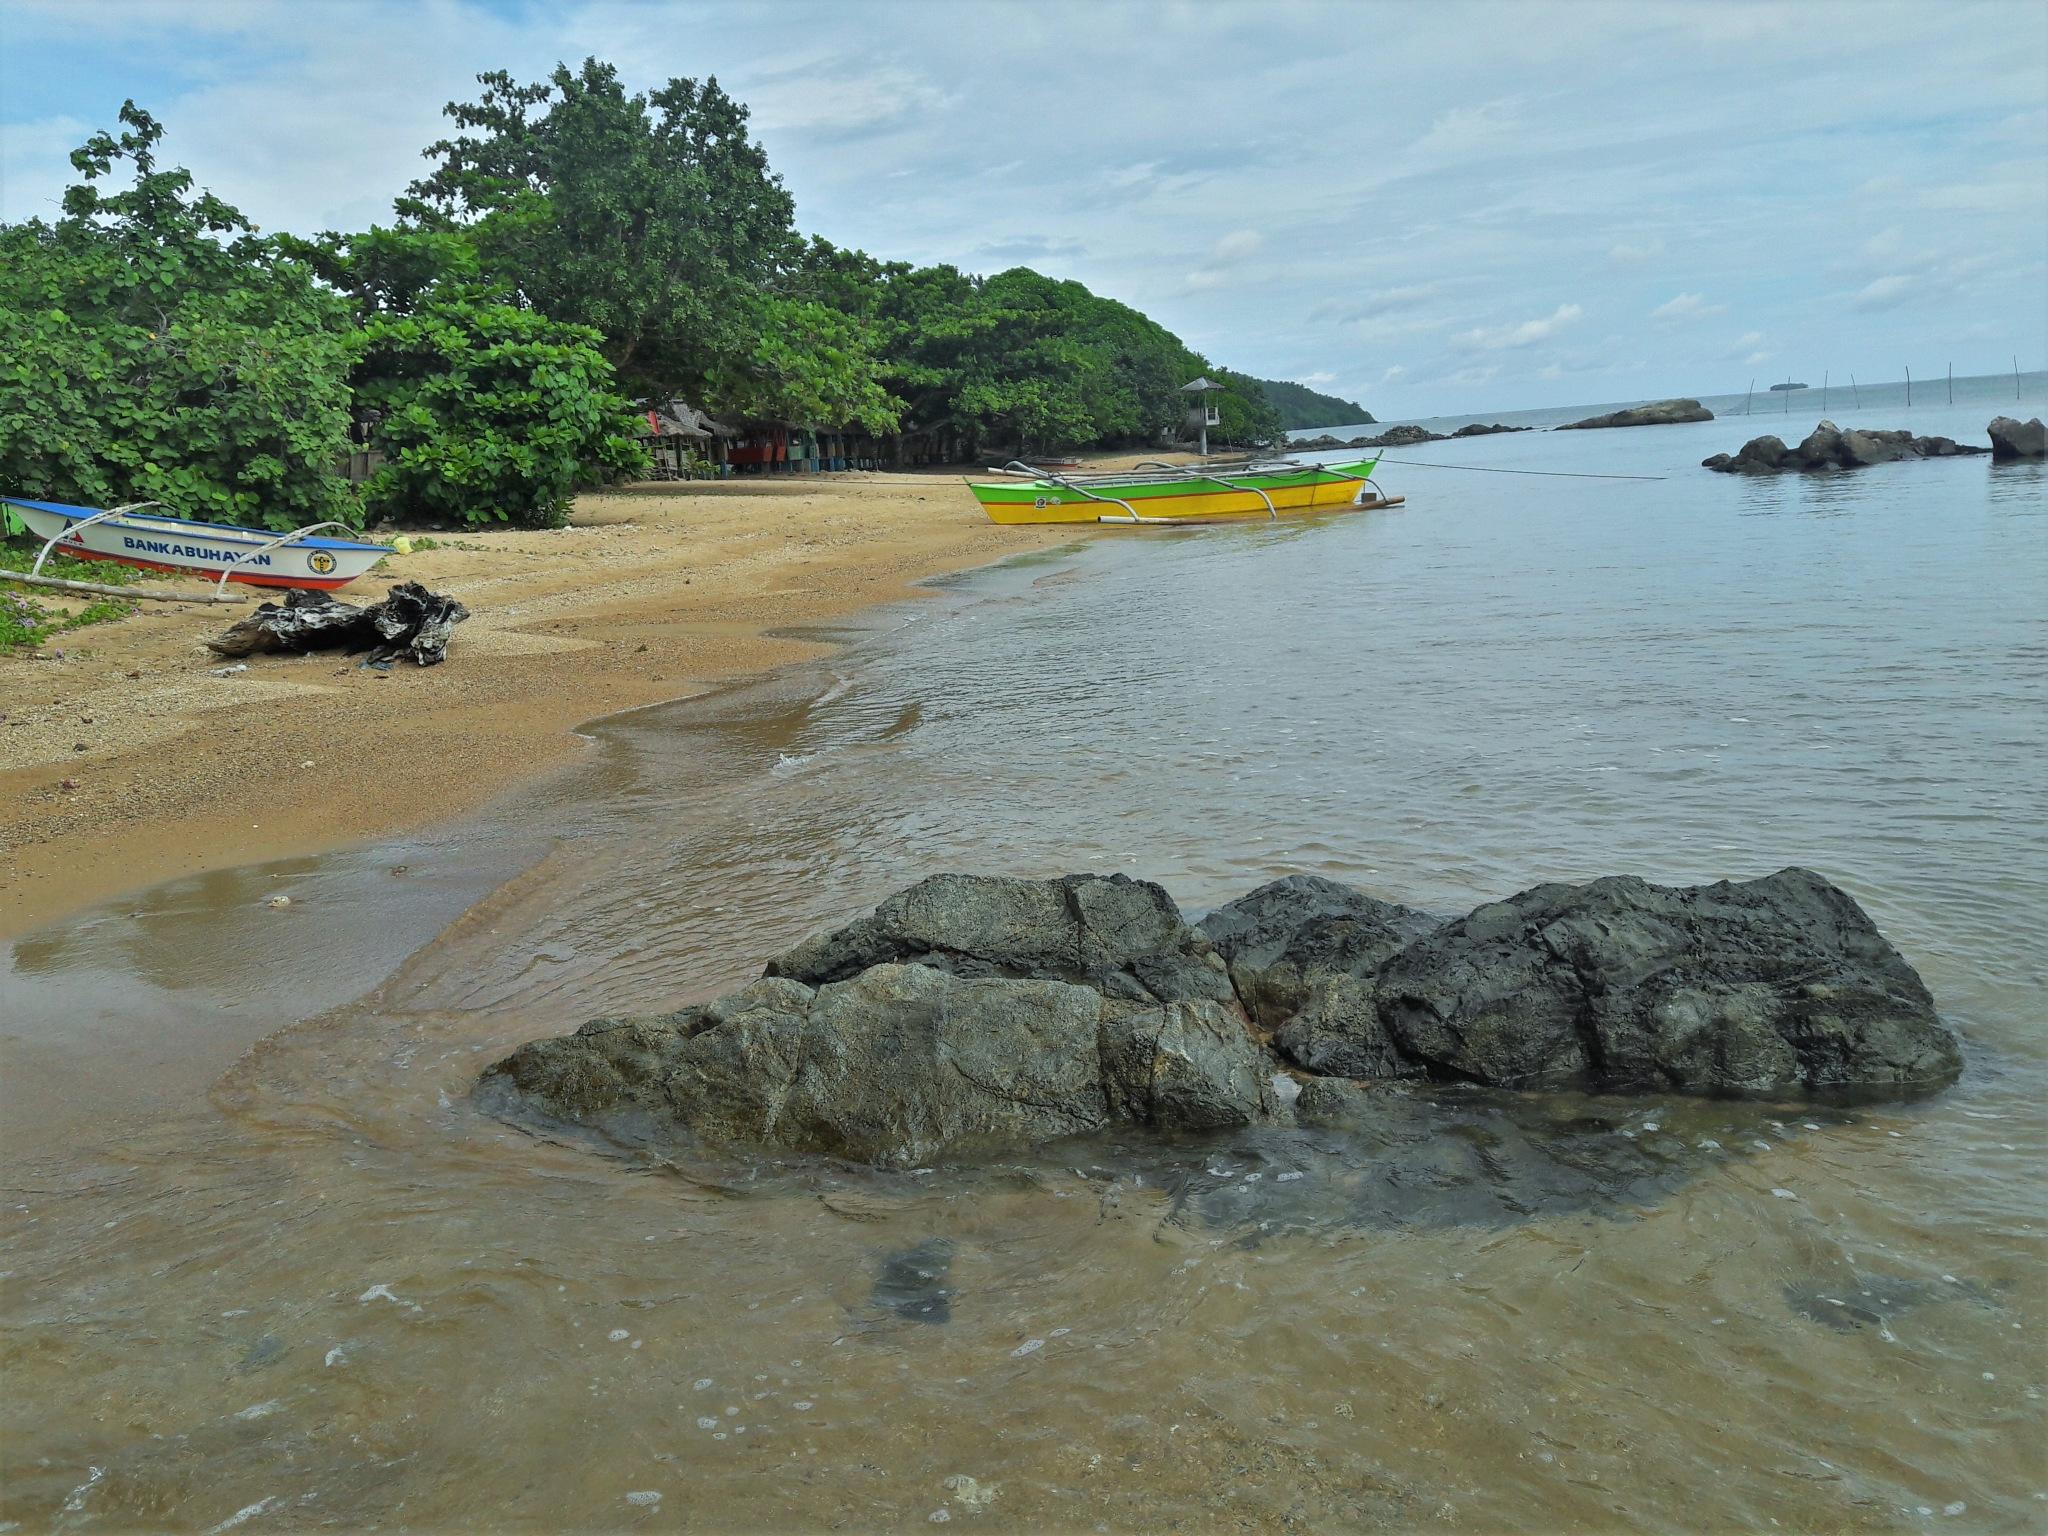 Beach of Hope by Mae Emerald